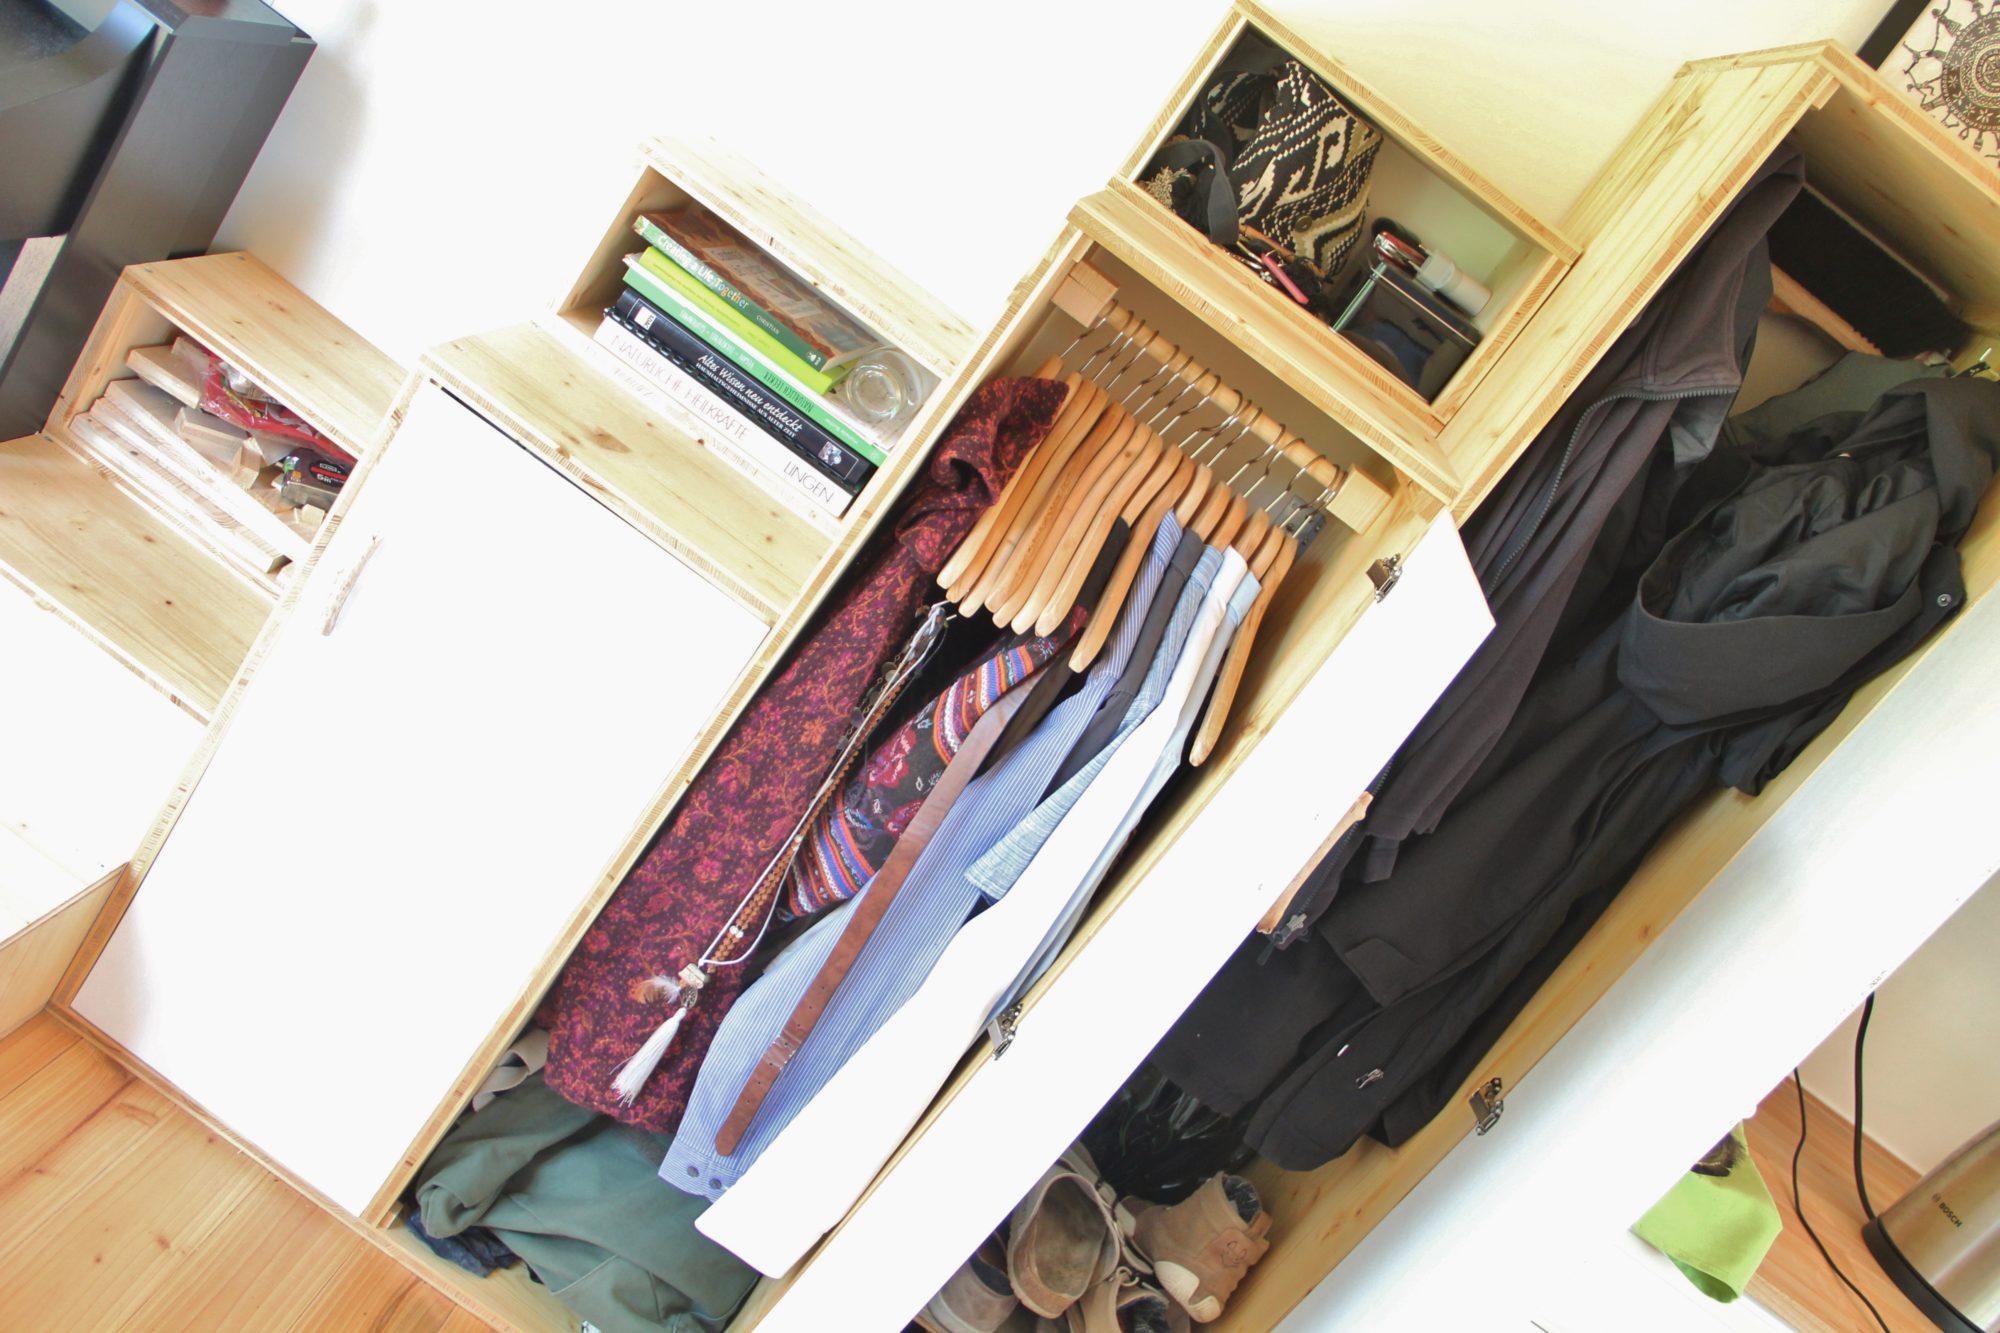 Kleiderschrank im Tiny House – wie viel Platz haben wir für Klamotten?